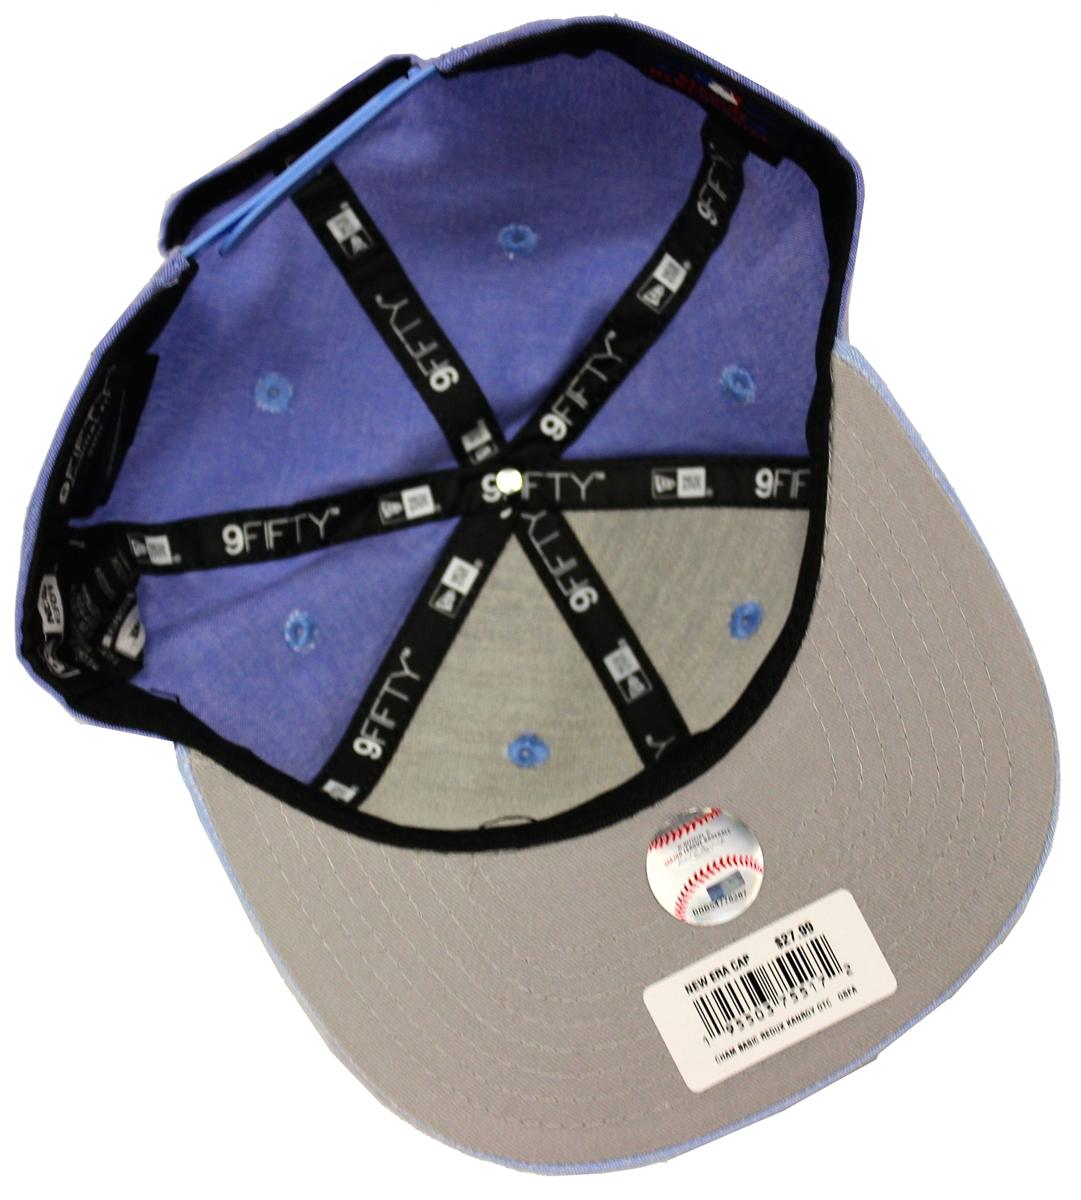 d003d2997c9 New Era 9Fifty Cham Basic Redux Kansas City Royals Denim Blue Snapback